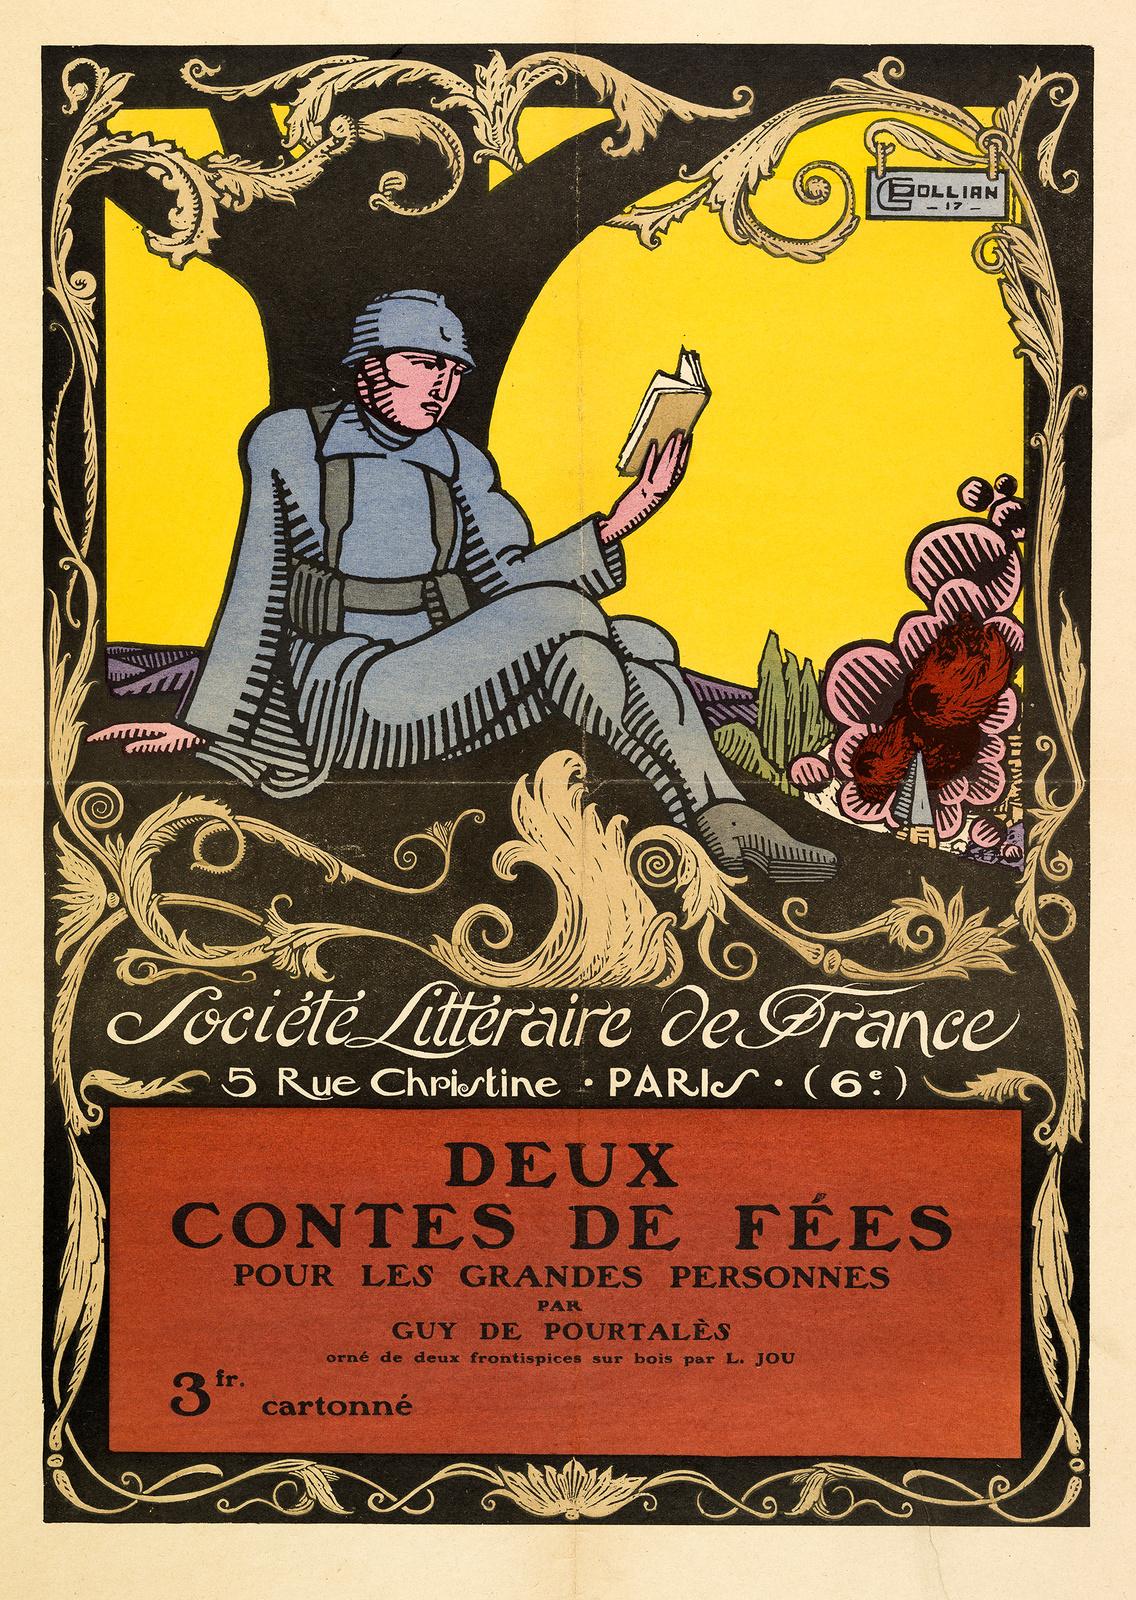 Affiche publicitaire pour un ouvrage de Guy de Pourtalès